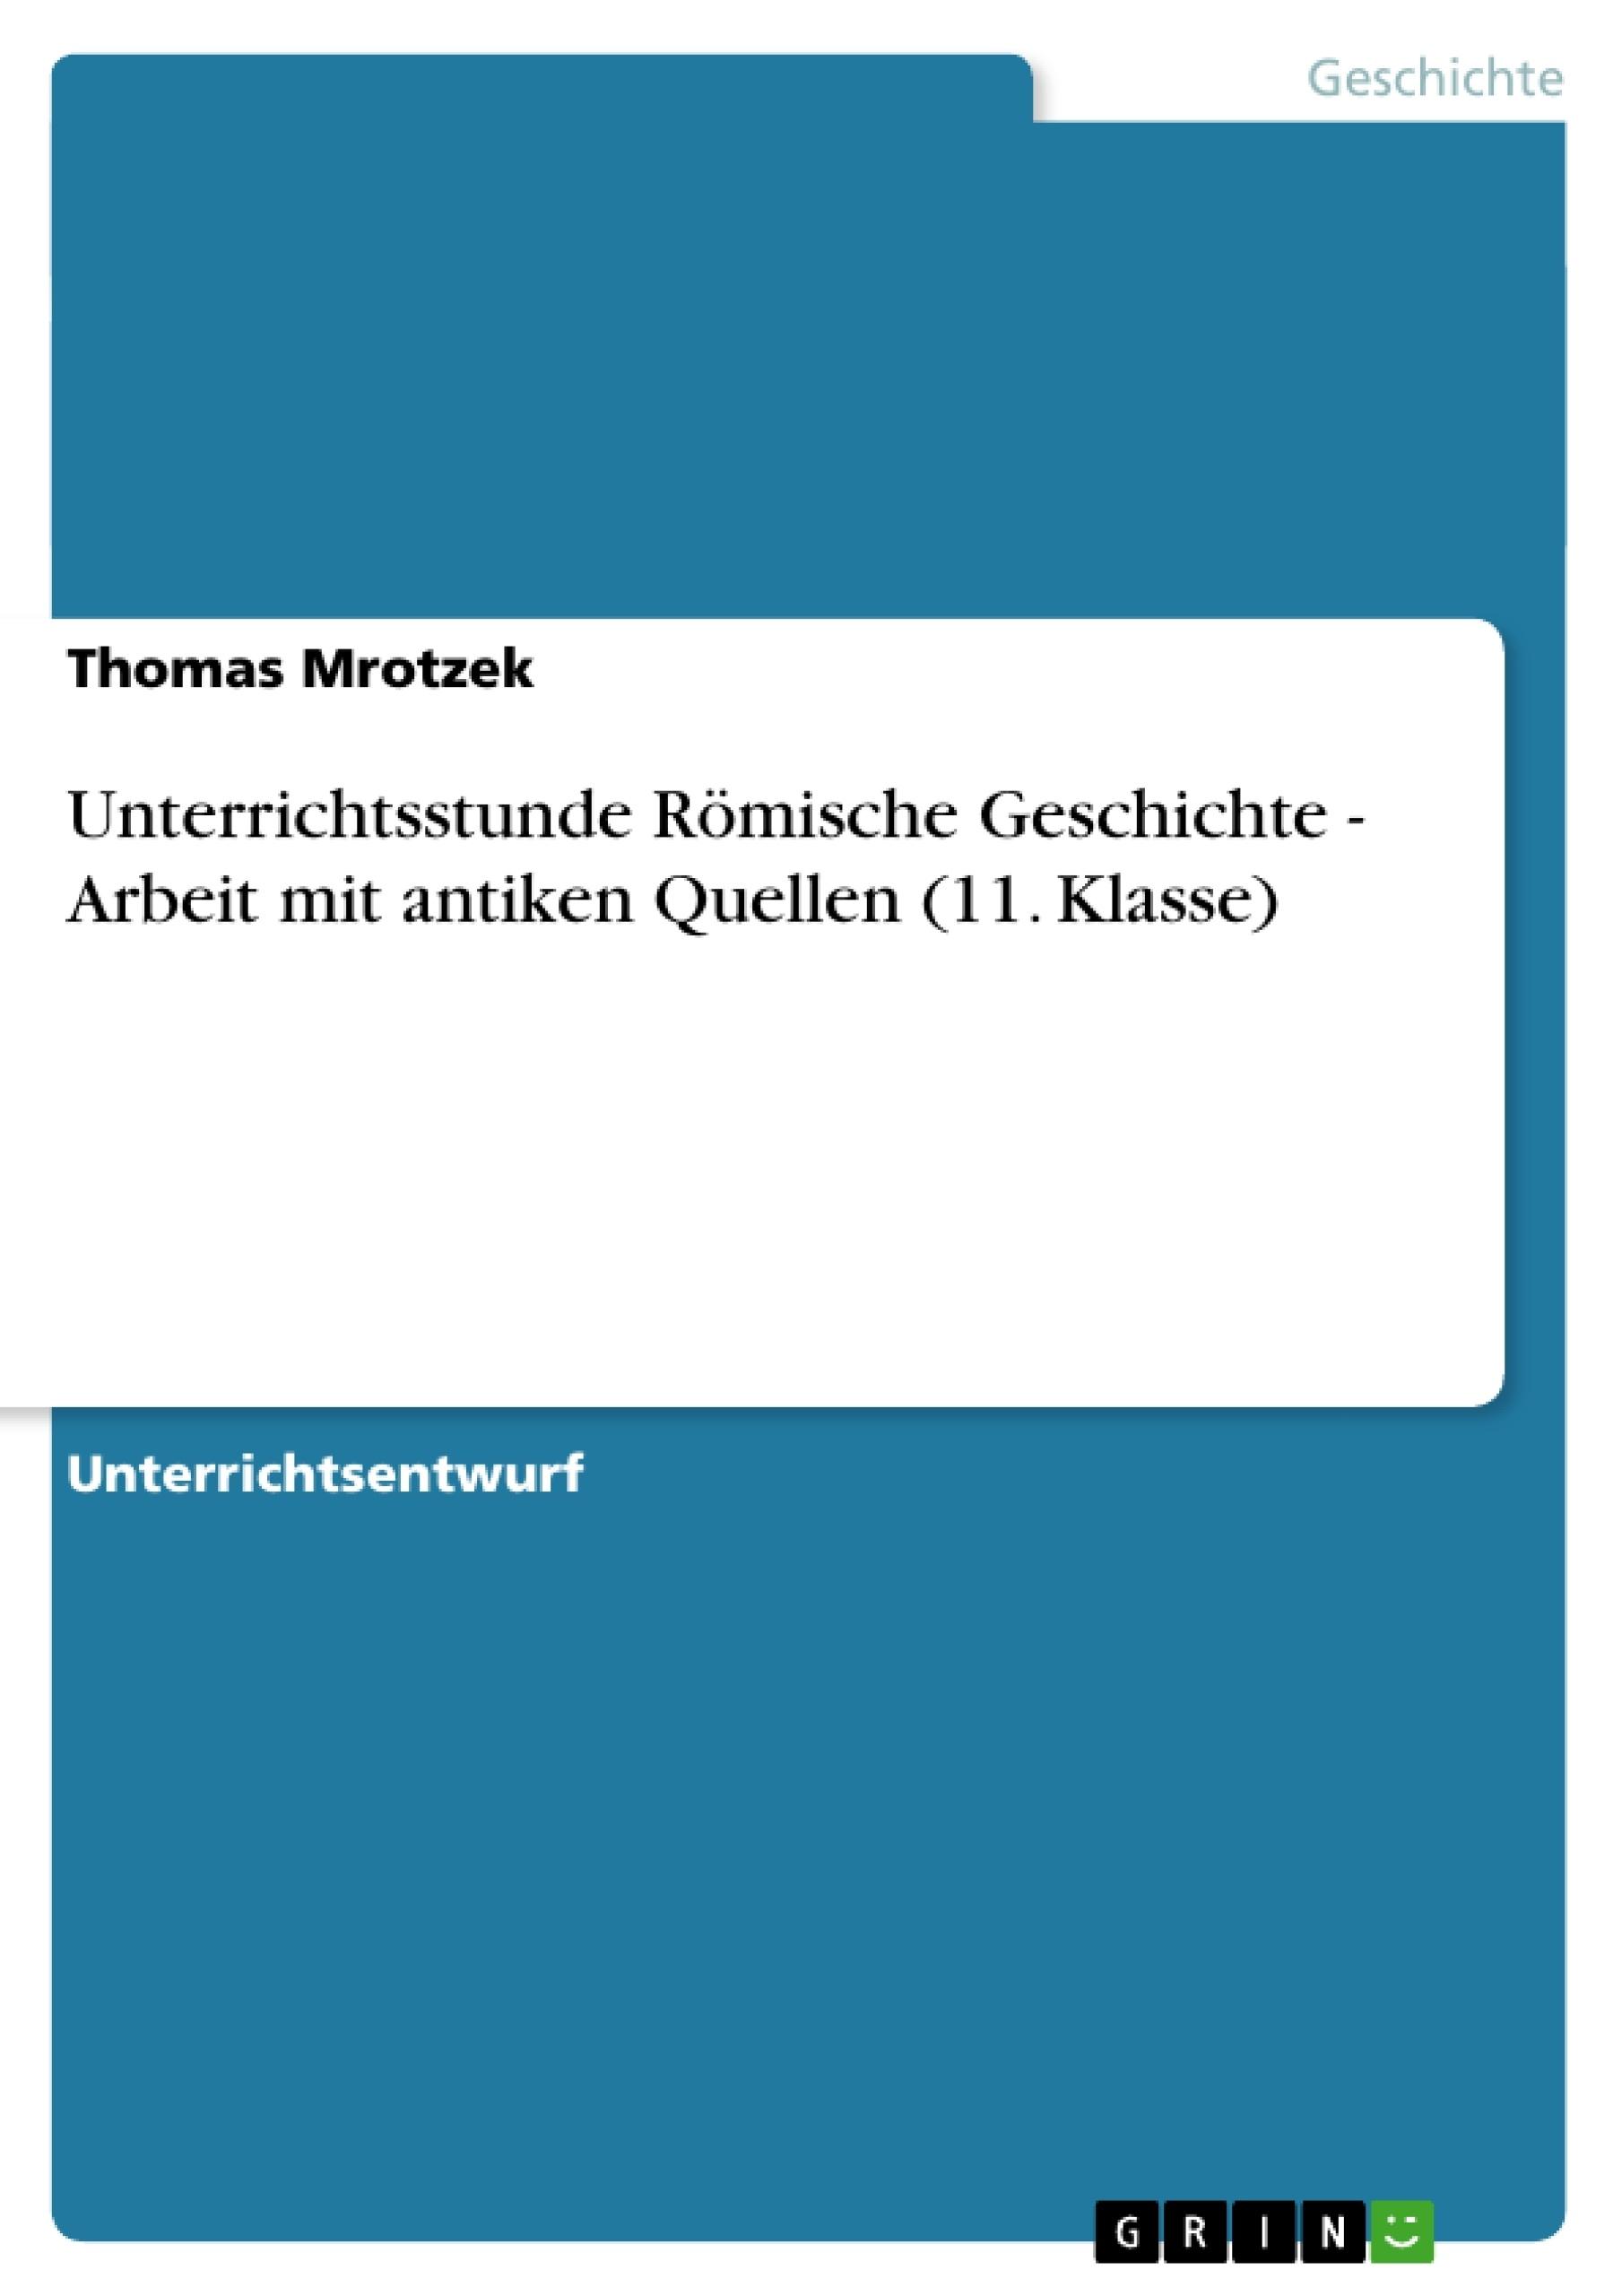 Unterrichtsstunde Römische Geschichte - Arbeit mit antiken Quellen ...